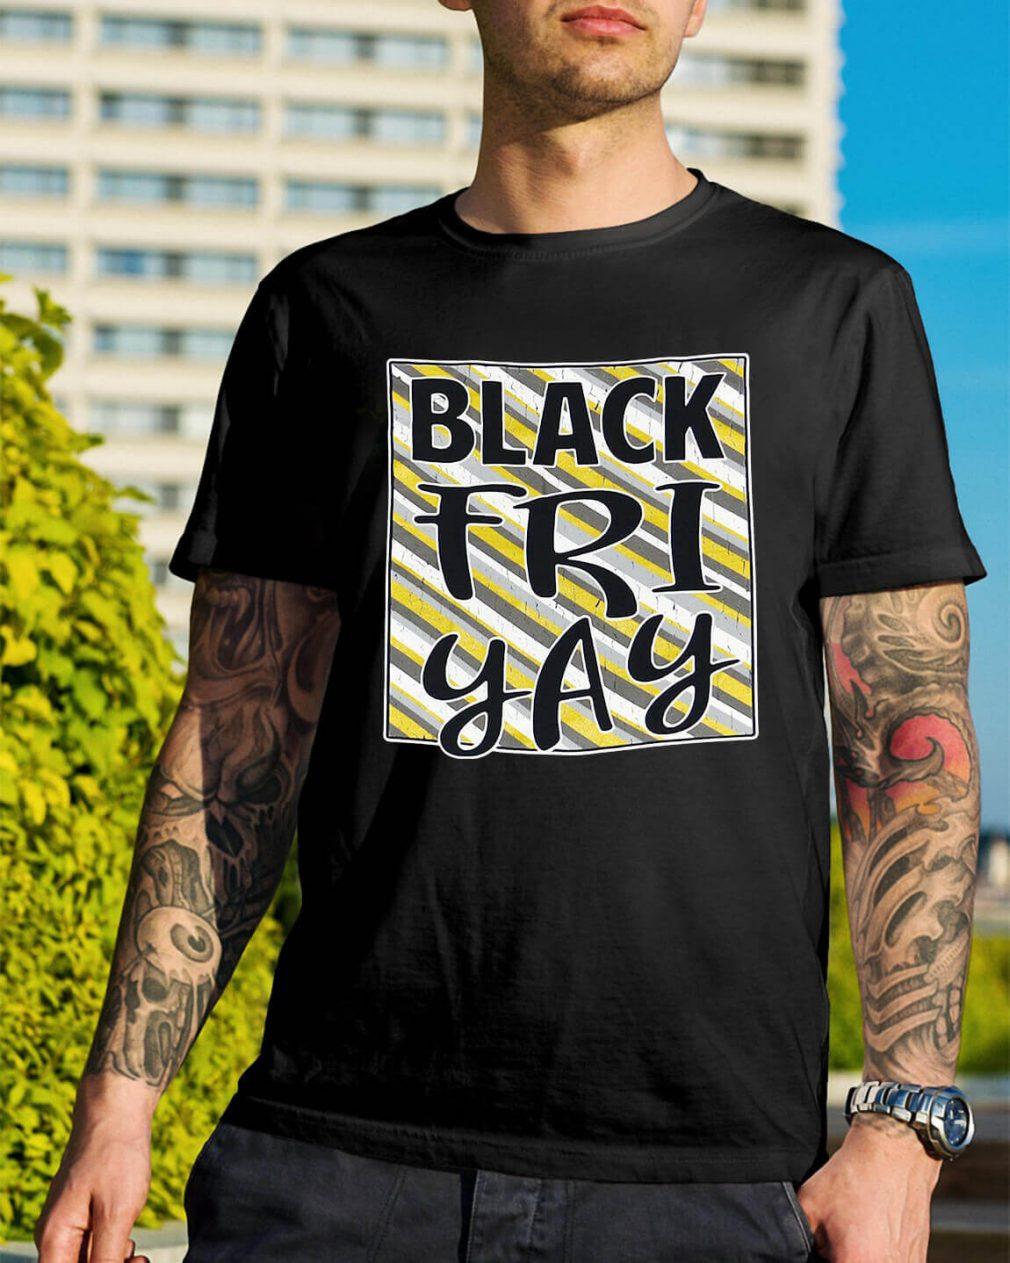 Official Black friyay shirt